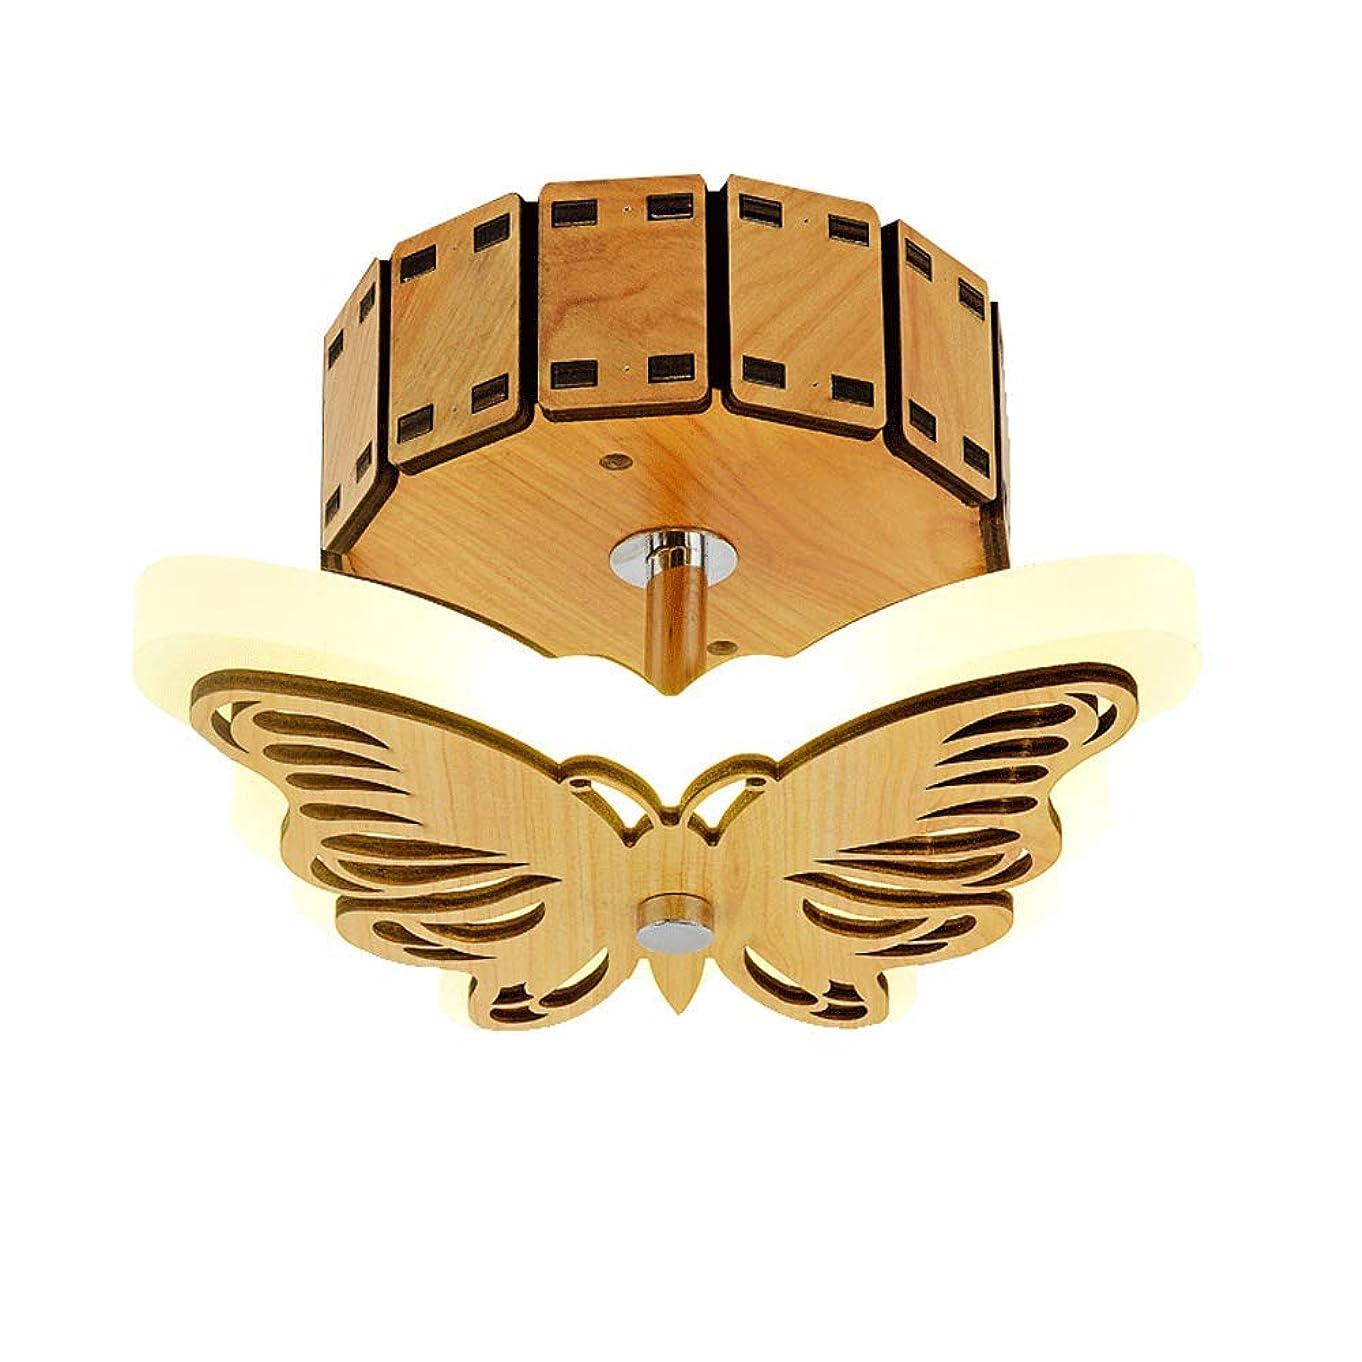 BS 天井灯 - パーソナライズされた創造的な木製の天井灯、現代的なミニマリストLED漫画創造的な蝶の天井灯、寝室、研究、リビングルームの天井灯(サイズ19X16CM) ビルトインシーリングライト